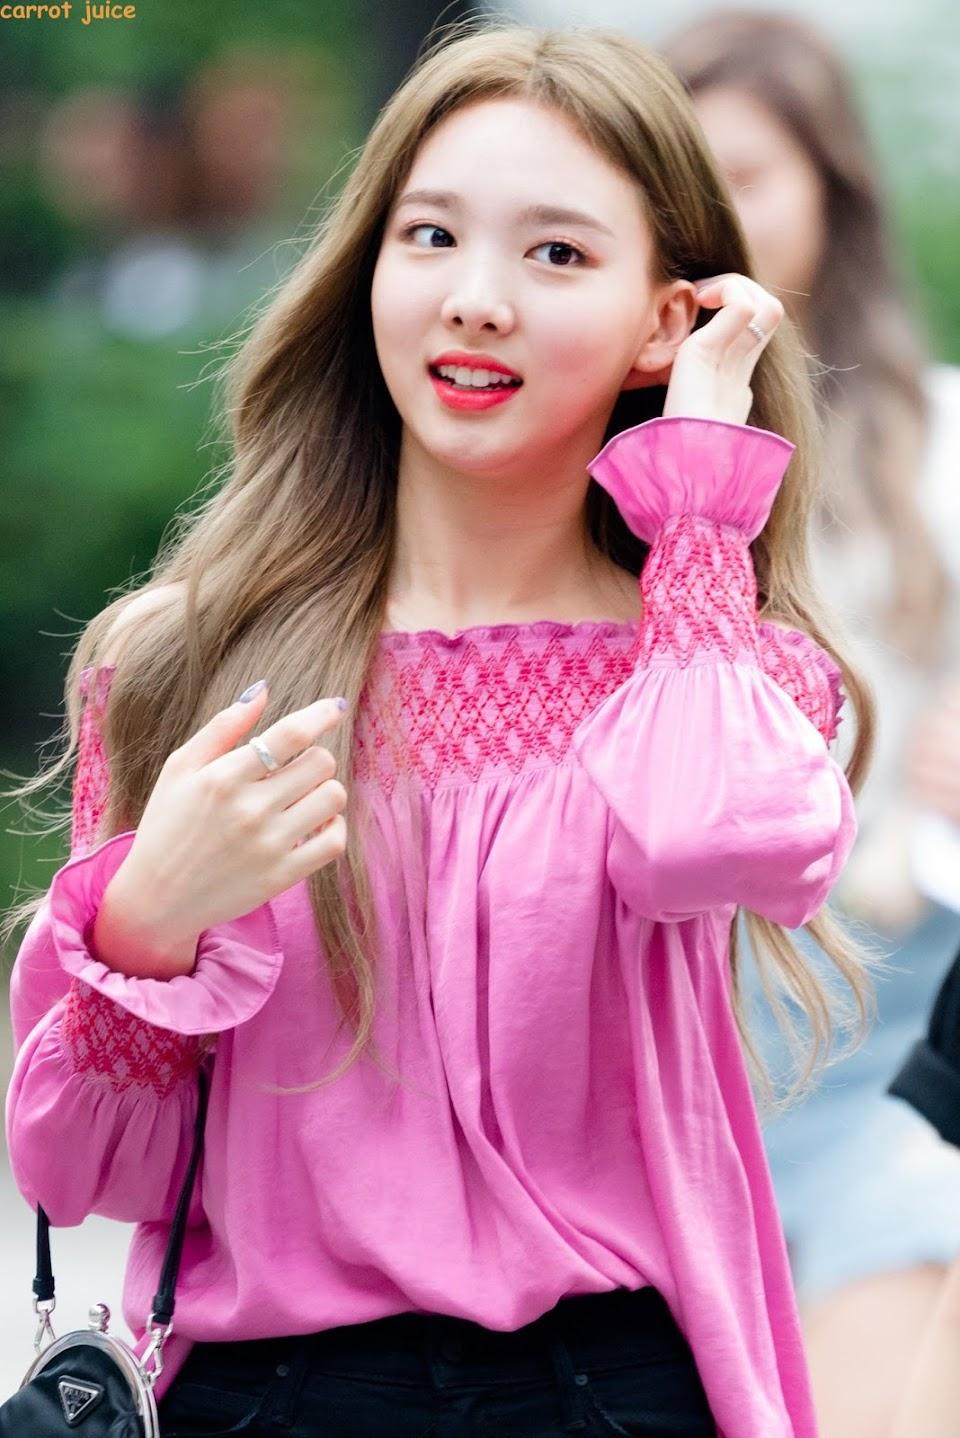 nayeonrainbow_pink3